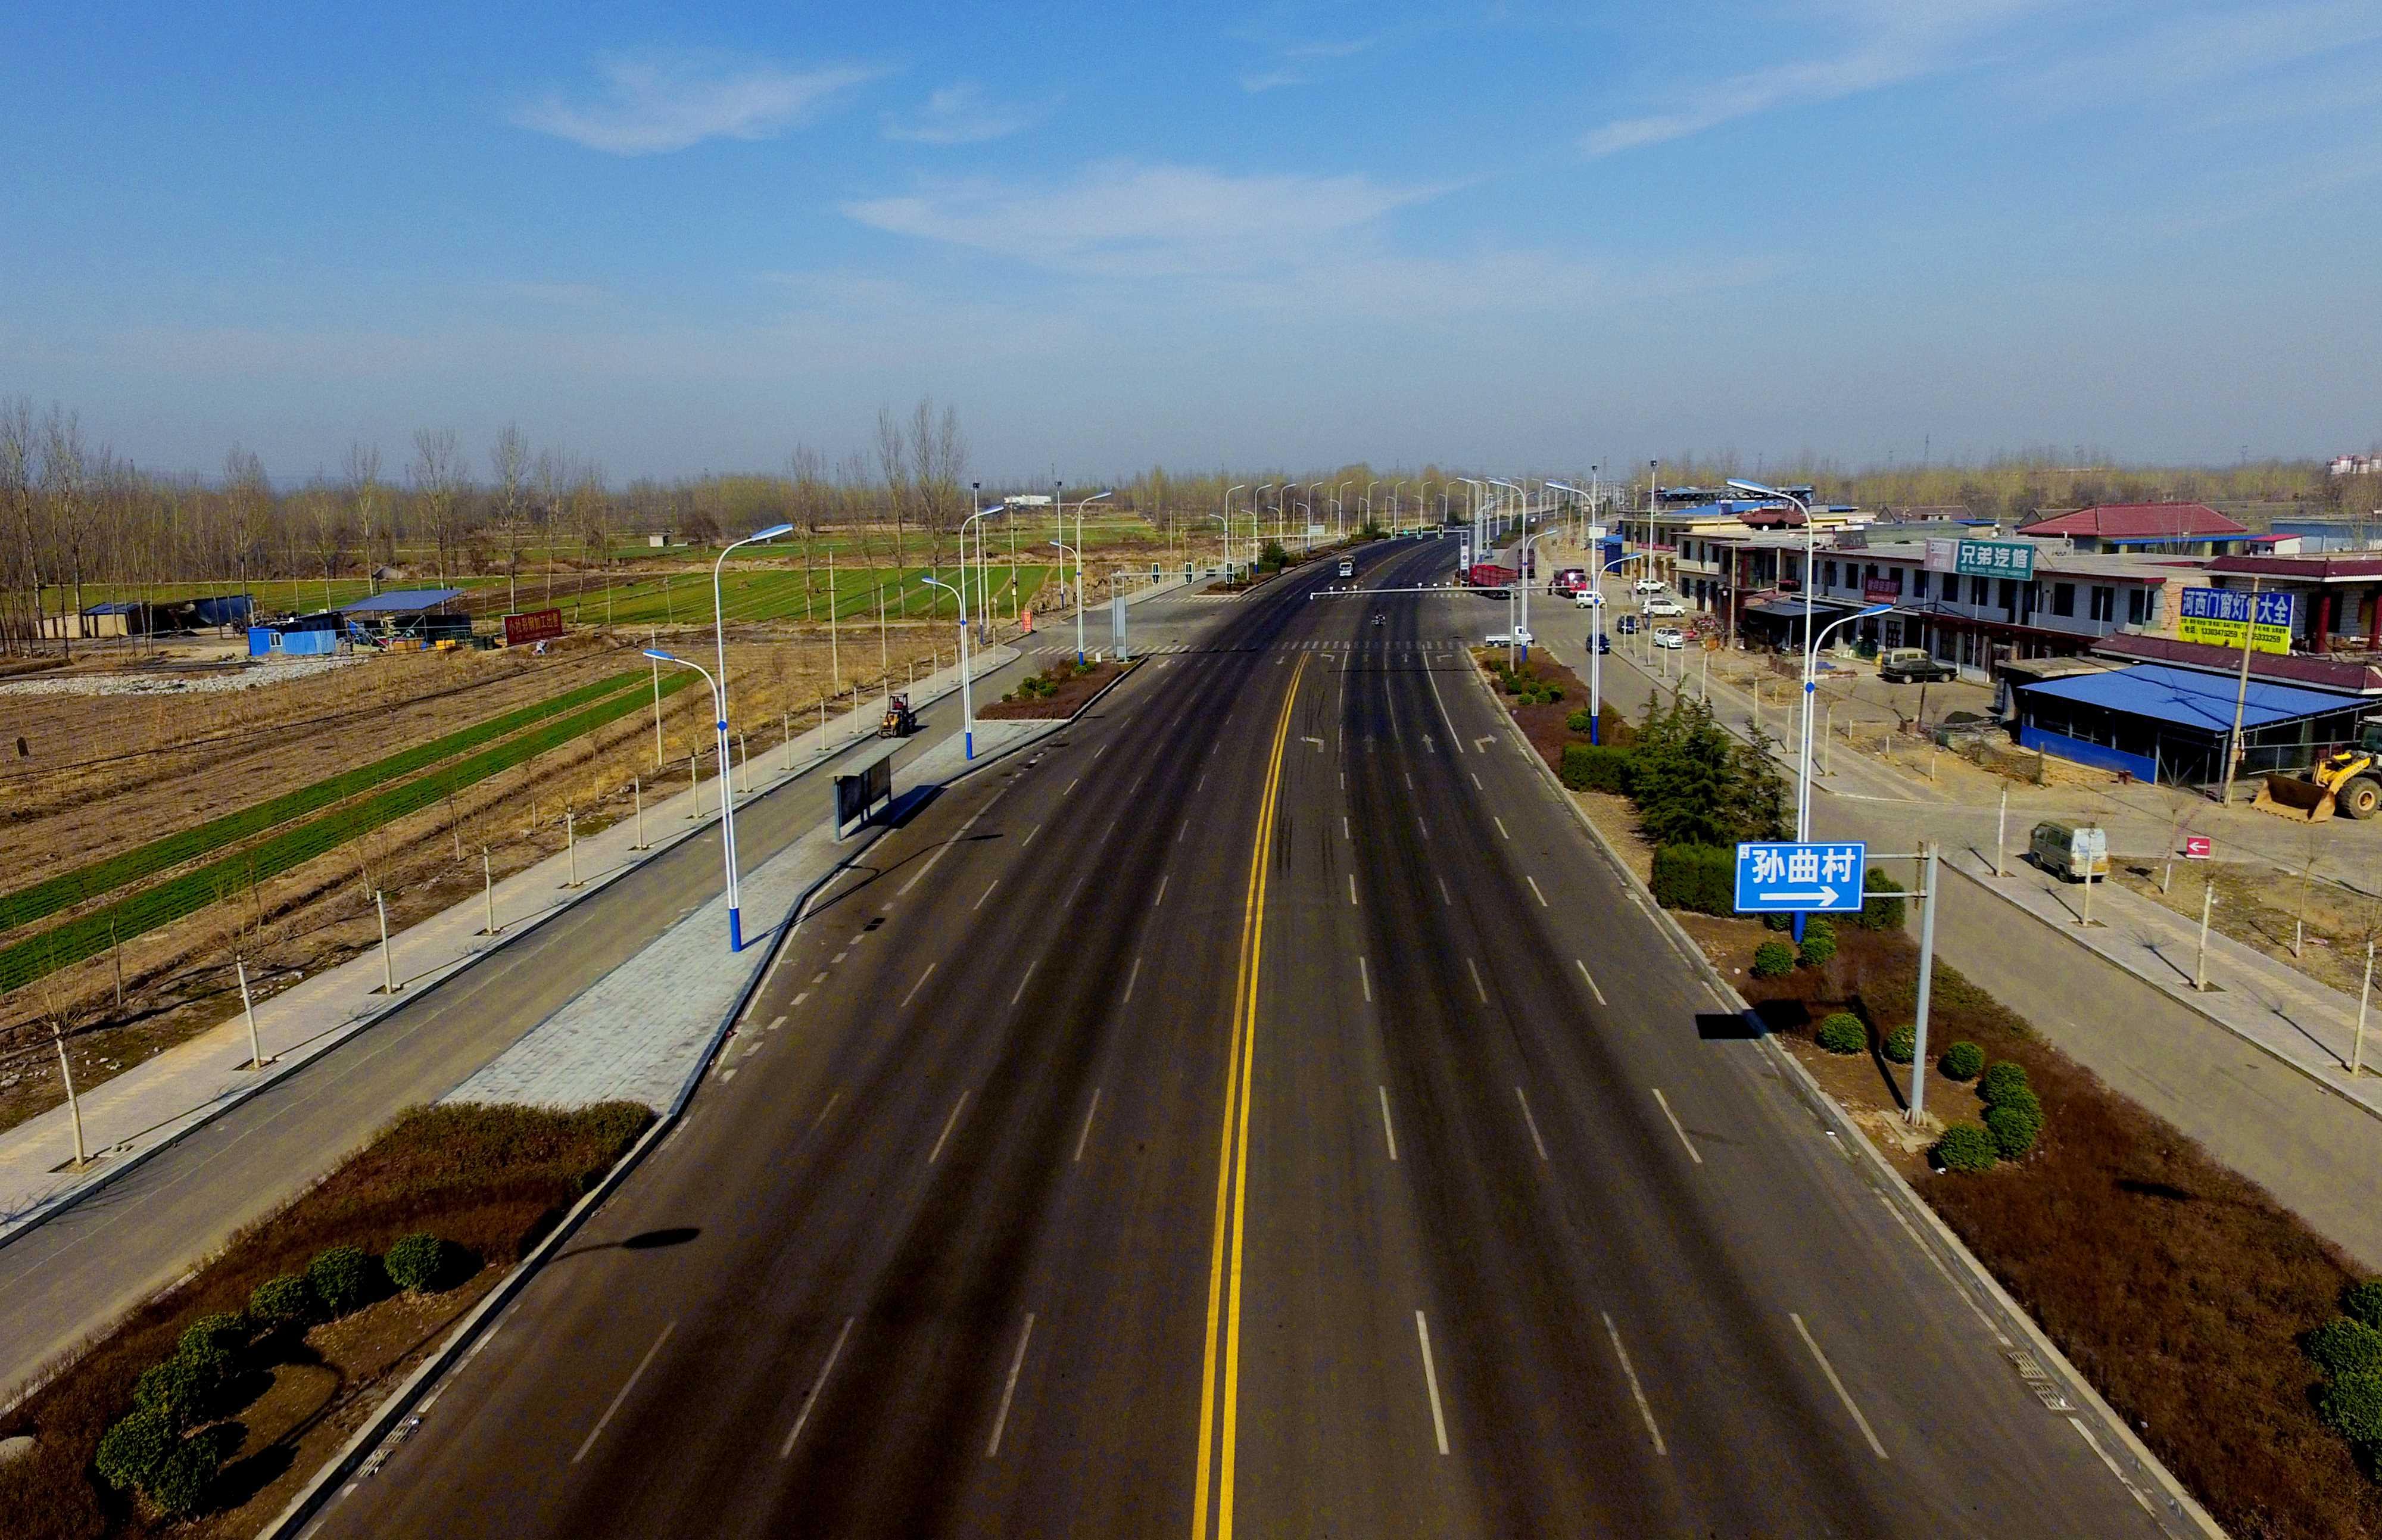 临汾市滨河西路北延-桃临线道路工程